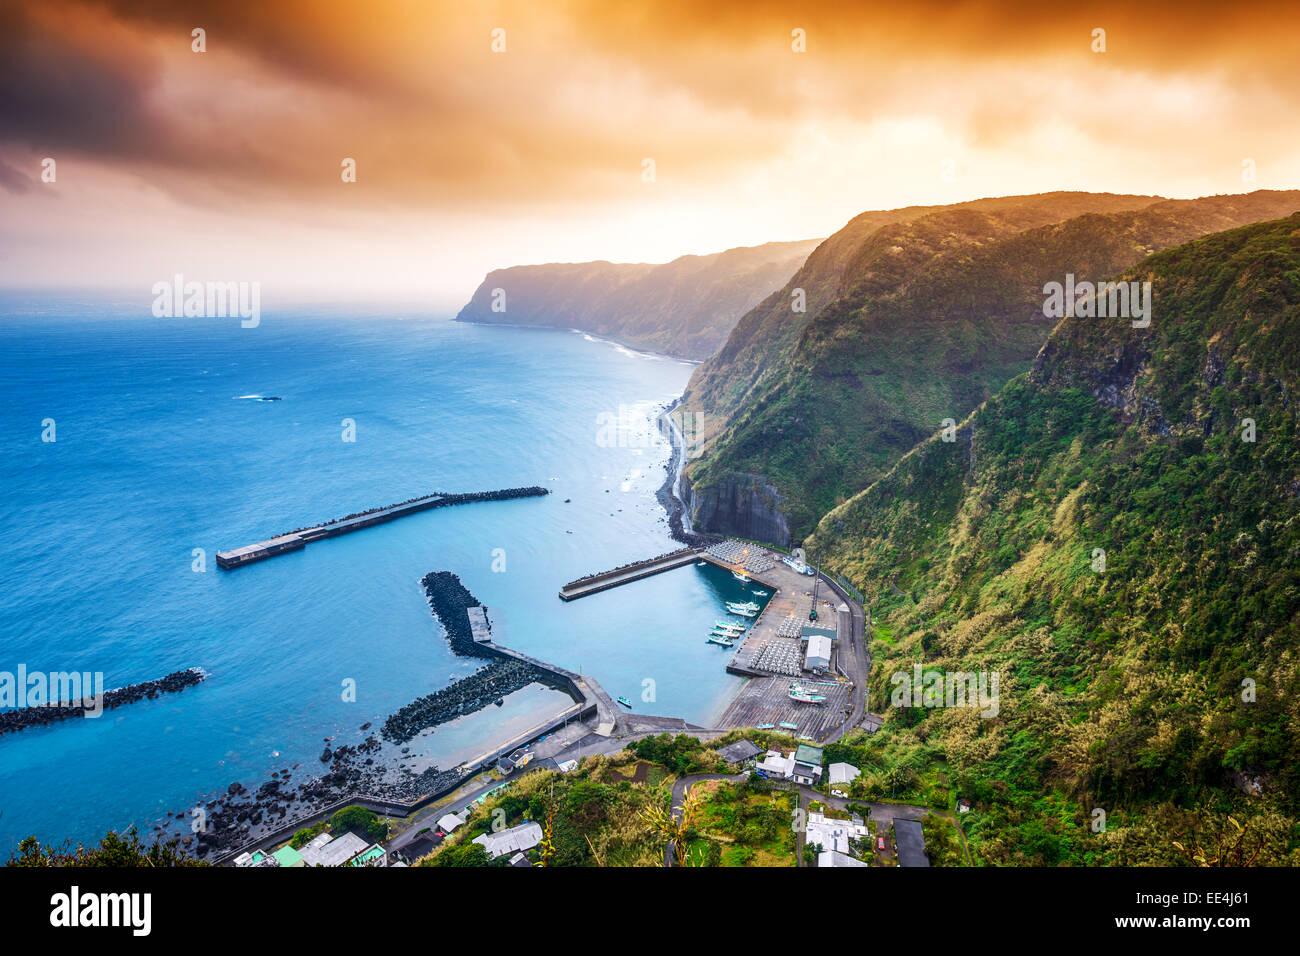 Hachijojima, Island, Tokyo, Japan coastline and harbor. - Stock Image